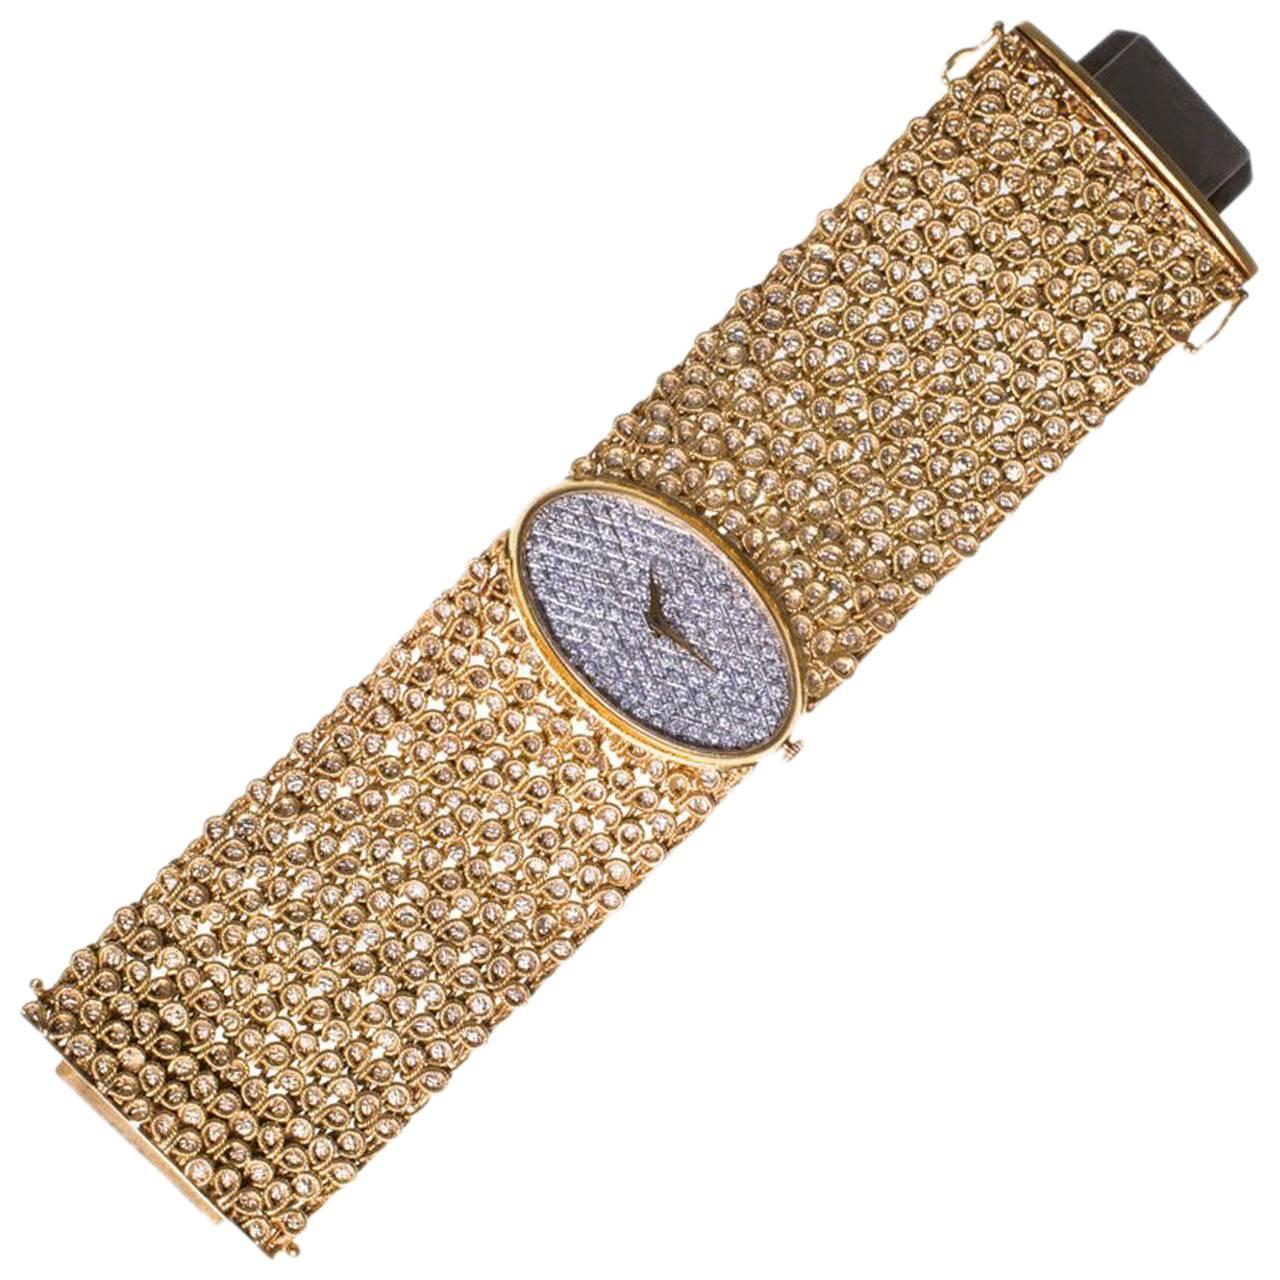 1970s Chopard Yellow Gold Diamond Bracelet Wristwatch